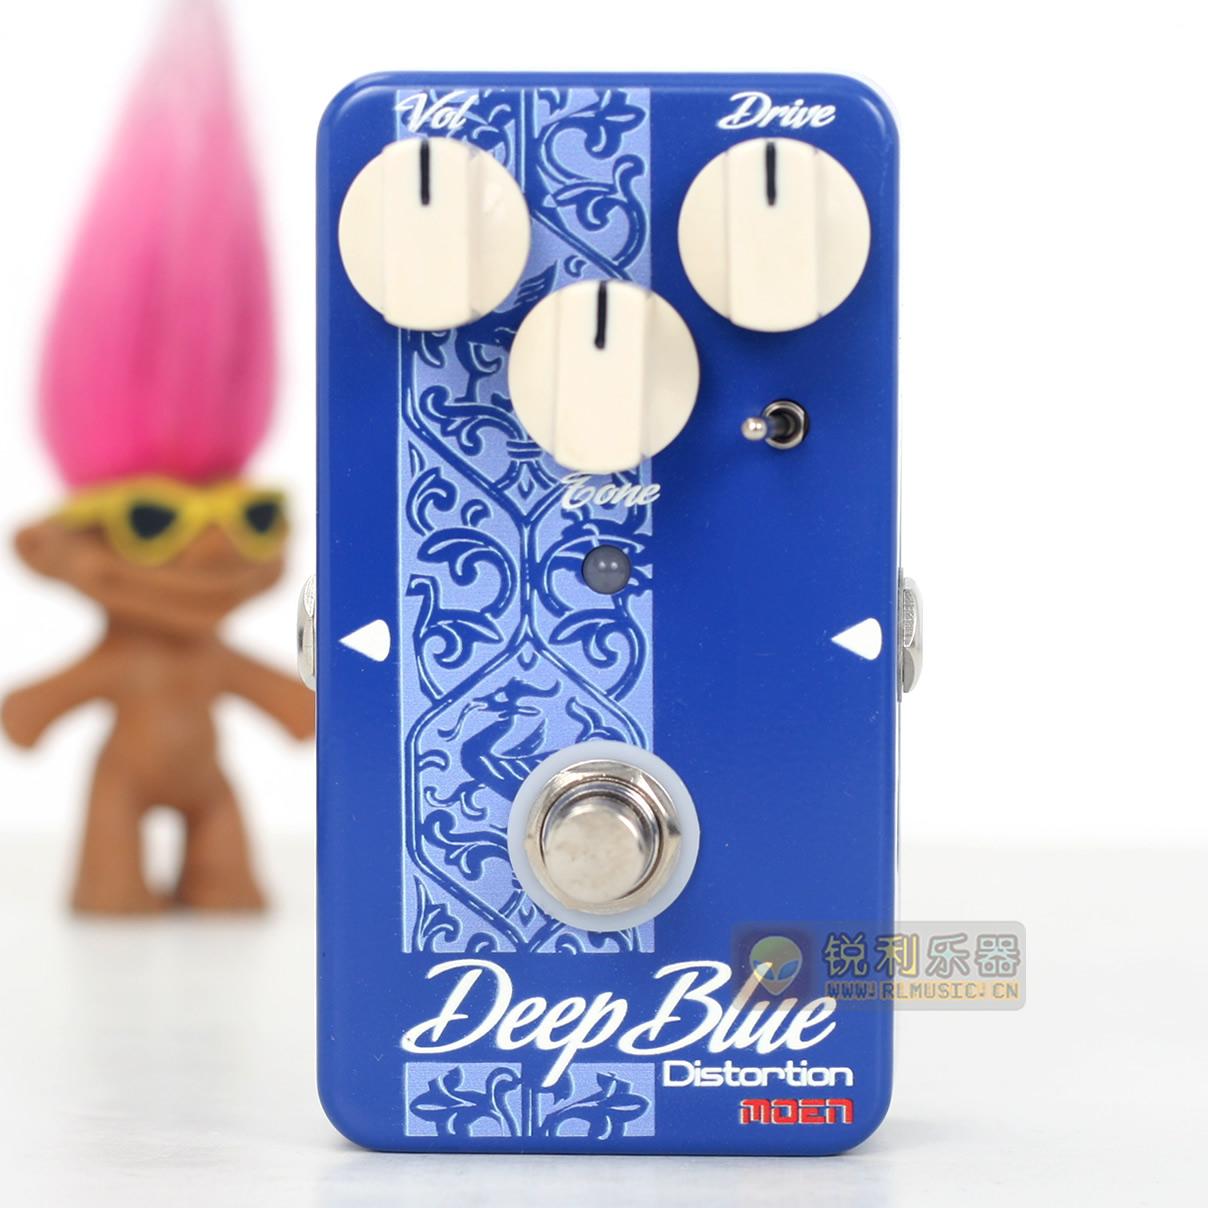 【Moen AM Deep Blue】魔音小深蓝失真效果器【锐利乐器】